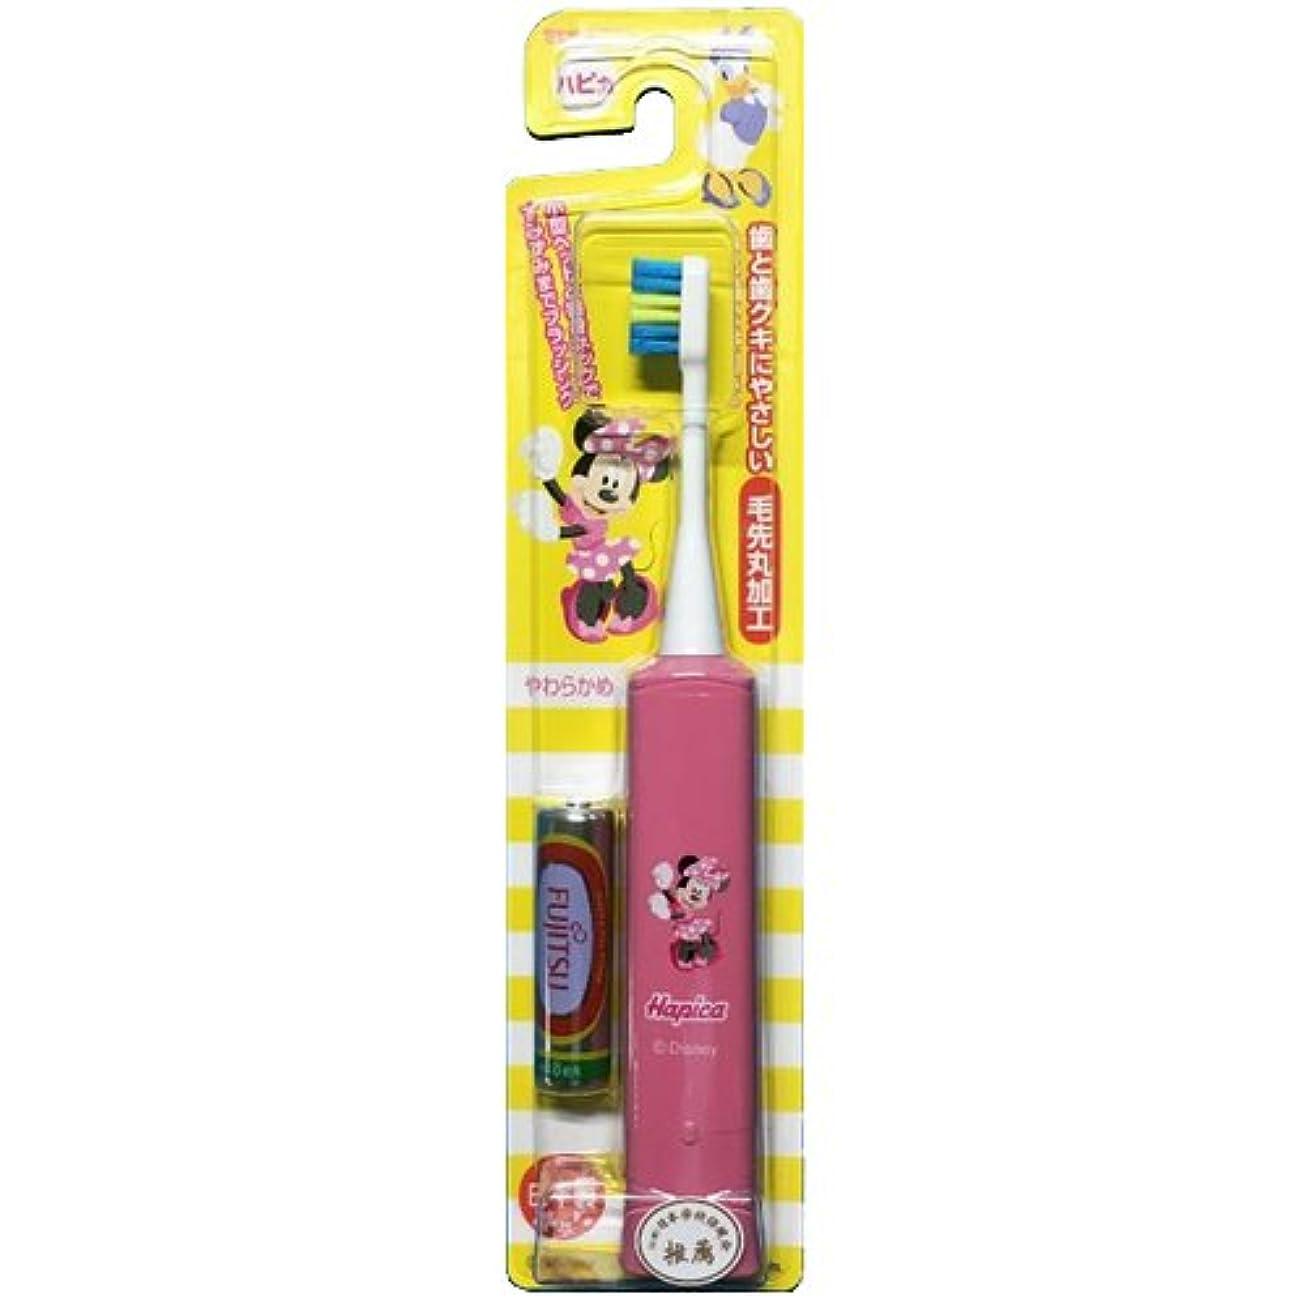 ミニマム 電動付歯ブラシ こどもハピカ ミニー(ピンク) 毛の硬さ:やわらかめ DBK-5P(MK)